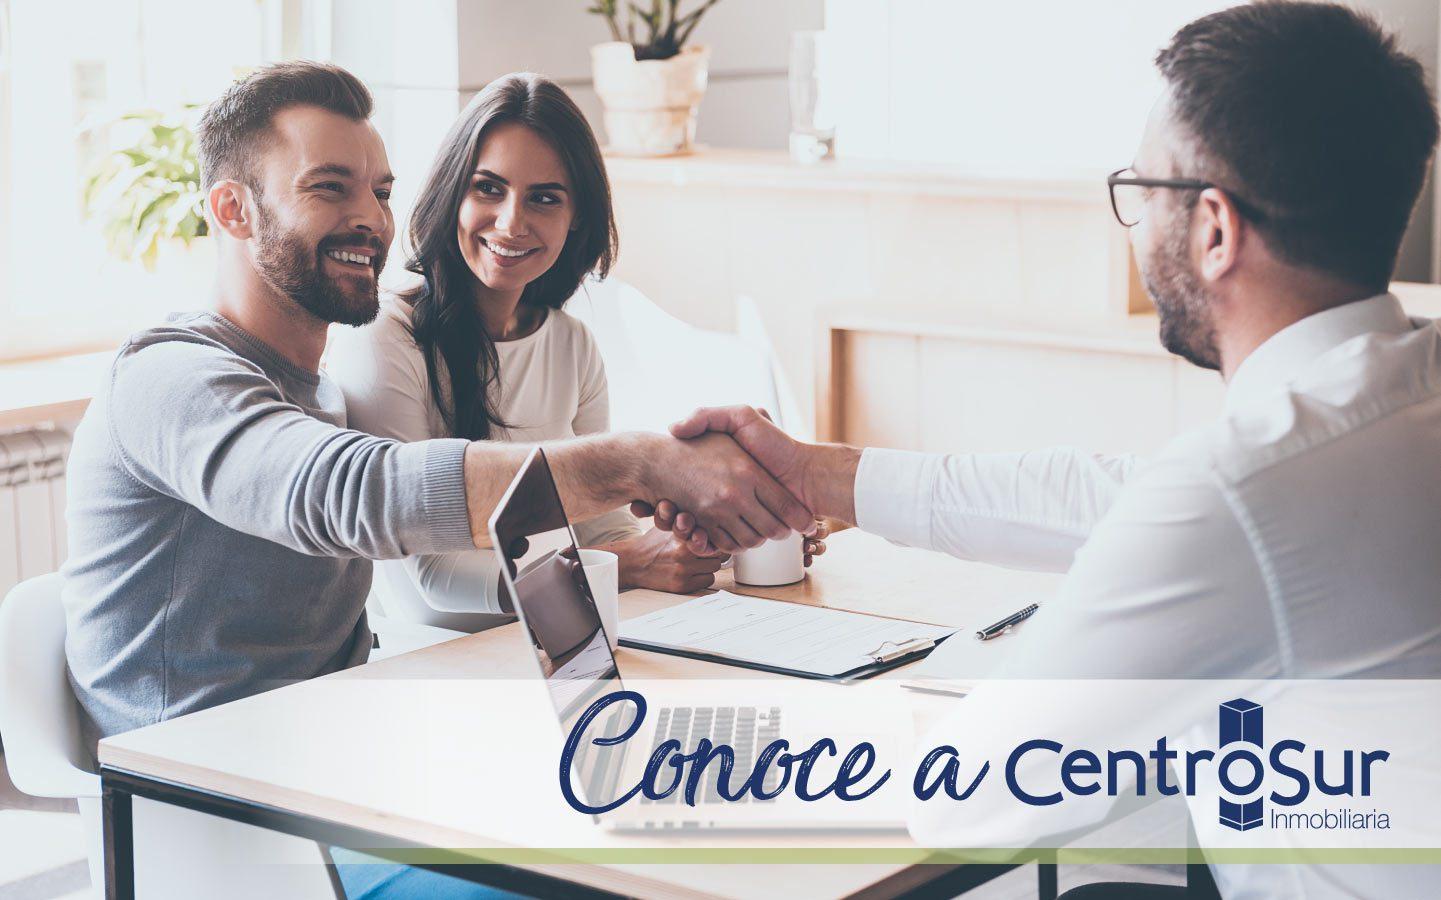 Centro Sur Inmobiliaria: más servicios, más soluciones